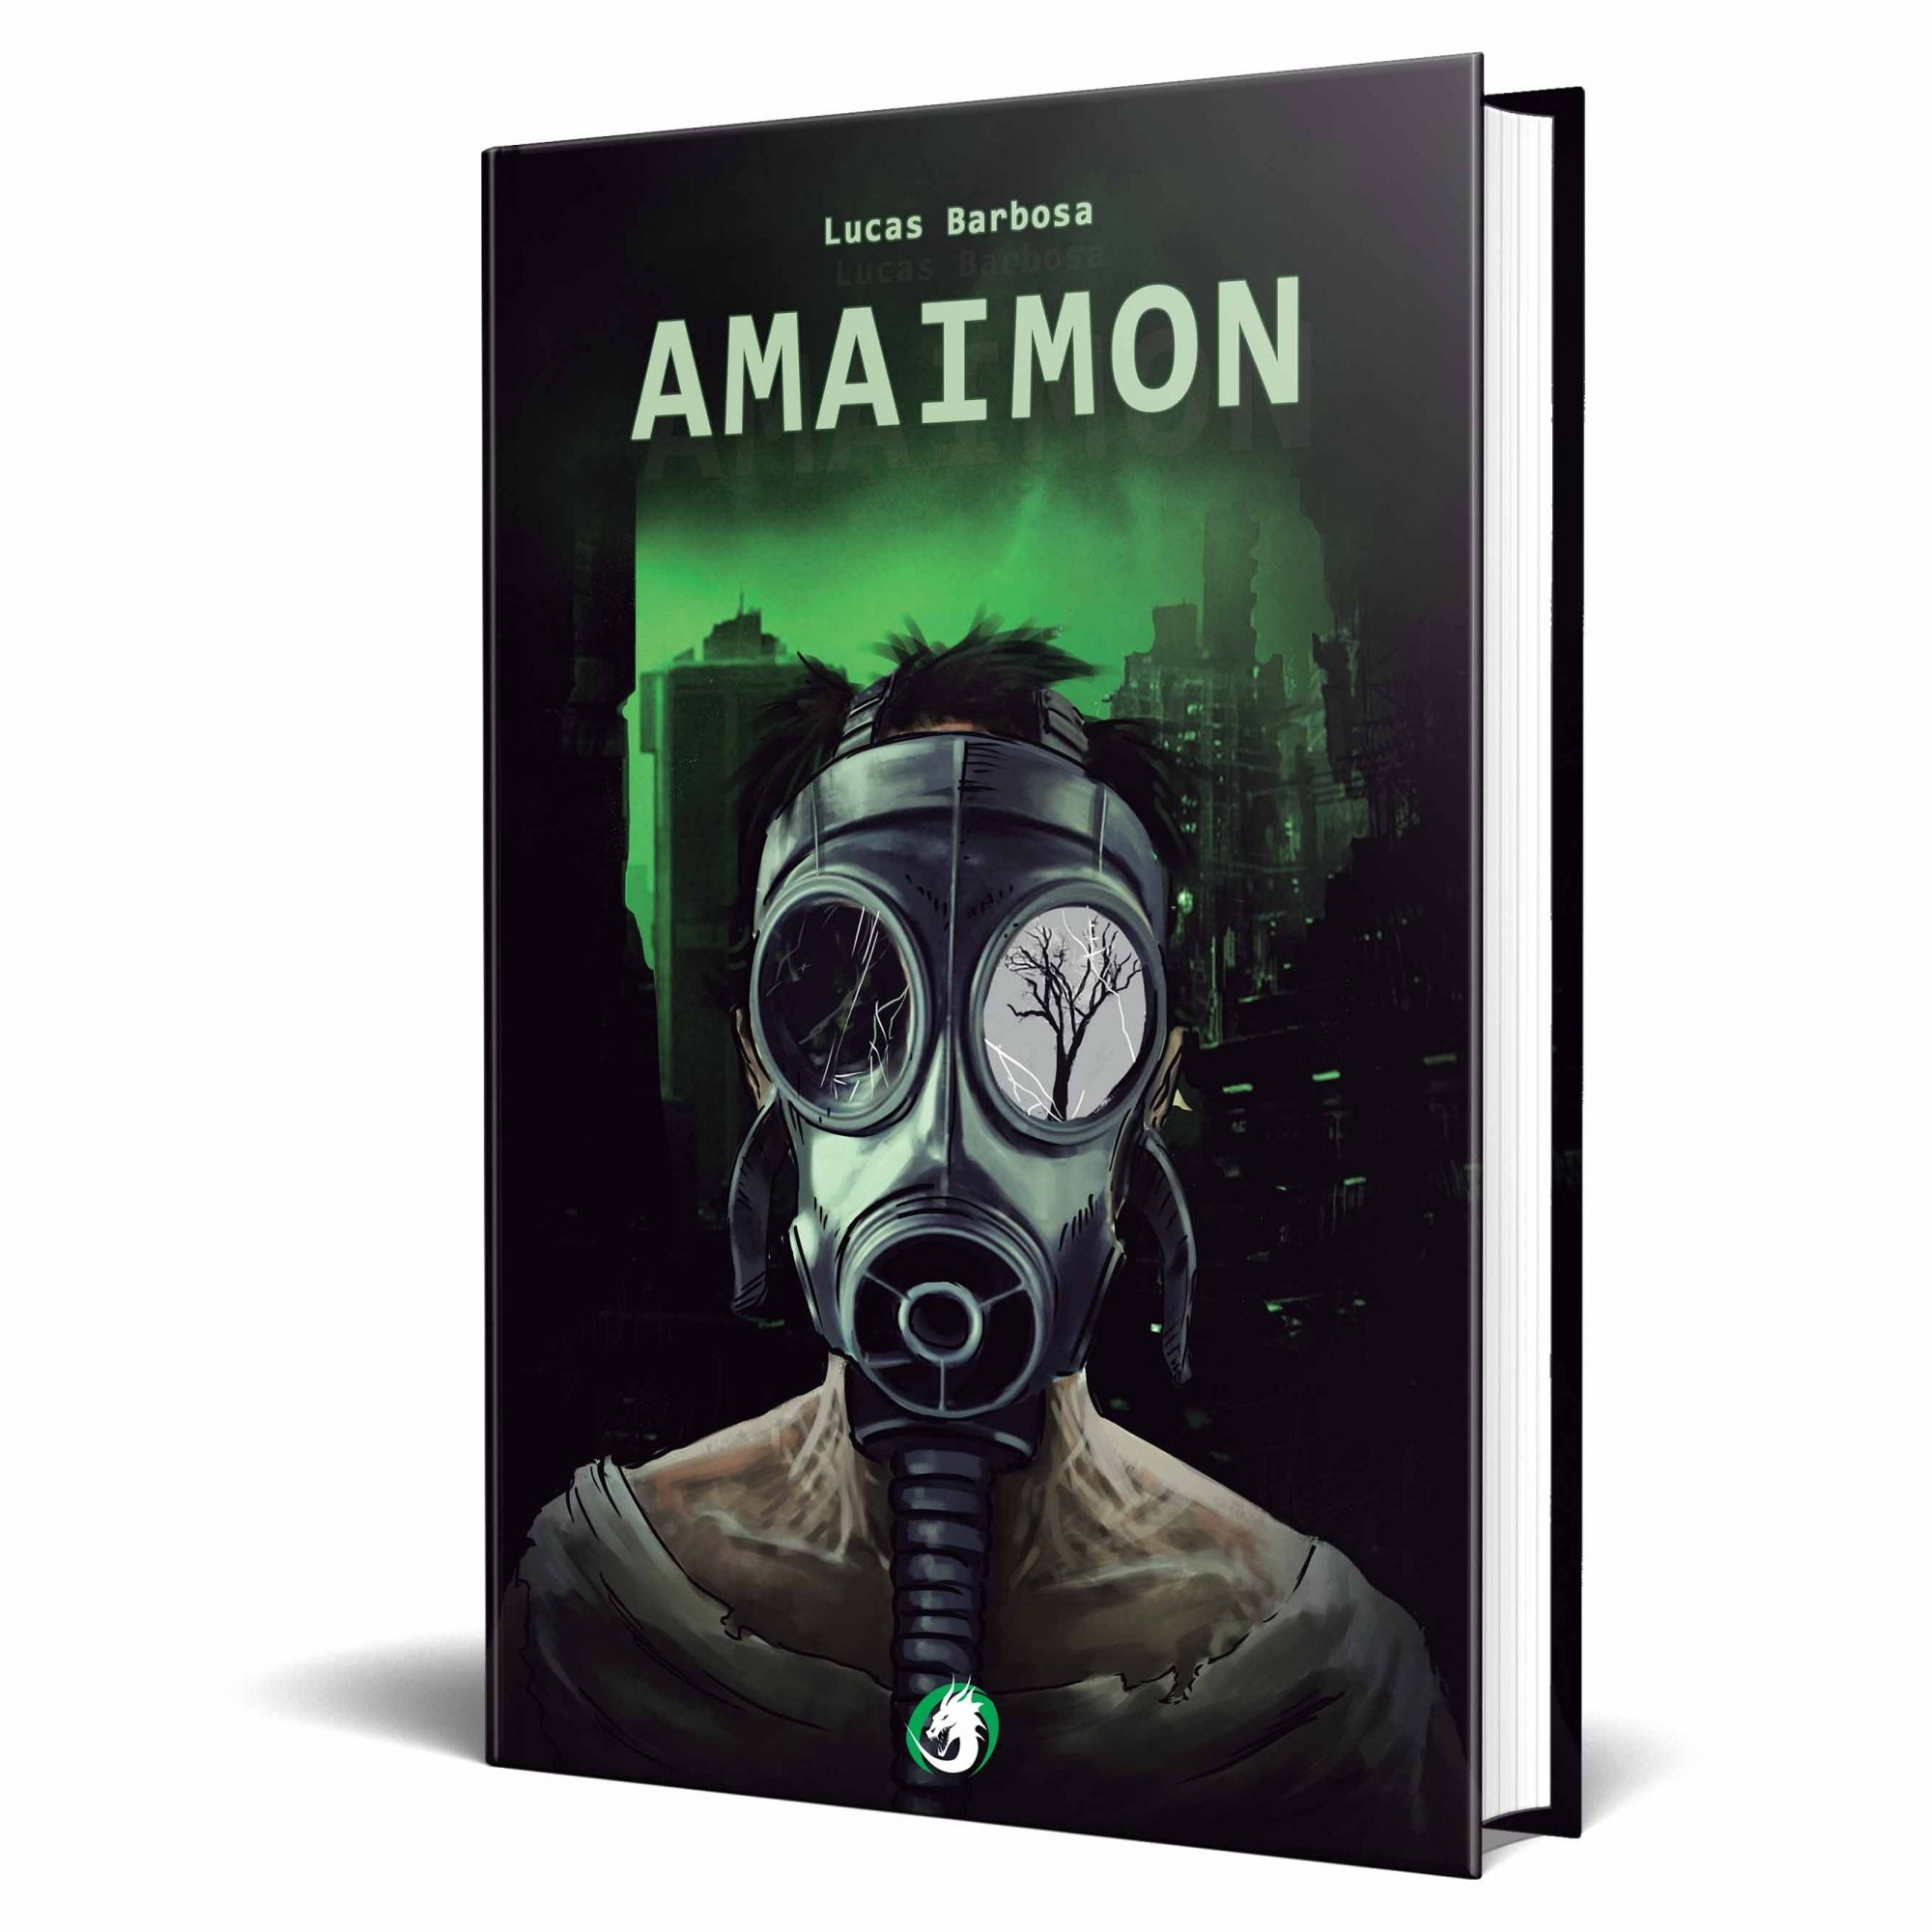 Livro Amaimon